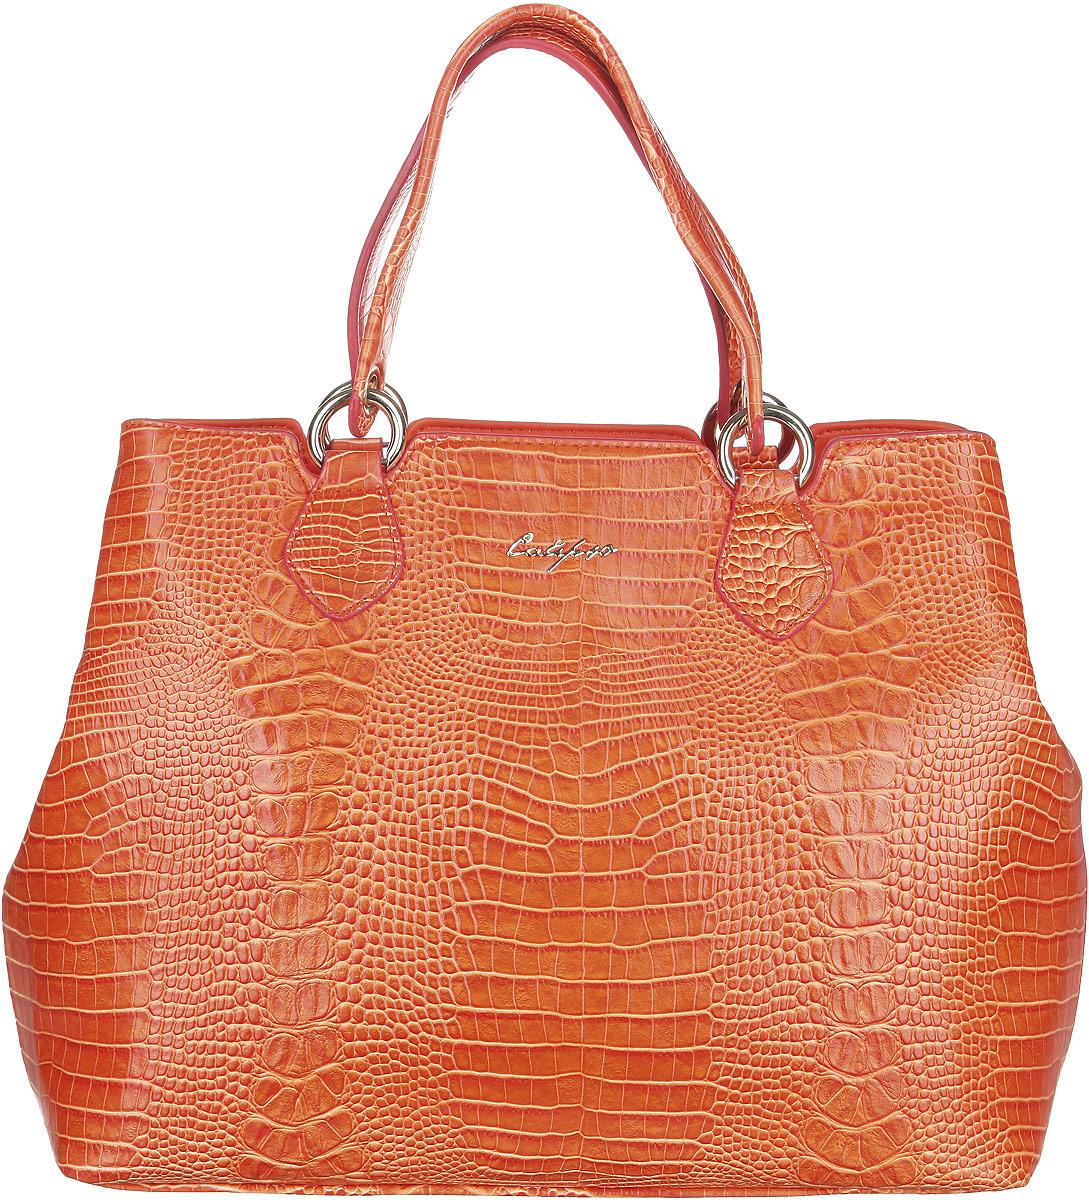 Сумка женская Calipso, цвет: оранжевый. 447-131286-231447-131286-231Стильная женская сумка Calipso выполнена из искусственной кожи с тиснением под кожу крокодила, оформлена логотипом бренда и металлической фурнитурой. Сумка состоит из двух отделений, застегивающихся на пластиковые застежки-молнии. Одно отделение содержит врезной карман на молнии и ремешок с кольцом для ключей, другое - два накладных кармана для телефона и мелочей. Снаружи на задней стенке расположен врезной карман на молнии. Боковые стороны сумки декорированы перфорированными вставками. Сумка оснащена двумя удобными ручками, которые дополнены у основания металлическими кольцами и съемным плечевым ремнем, регулируемой длины. Дно сумки дополнено металлическими ножками, которые позволят максимально защитить изделие от изнашивания. Прилагается фирменный текстильный чехол для хранения. Сумка - это стильный аксессуар, который подчеркнет вашу индивидуальность и сделает ваш образ завершенным. С такой сумкой вы будете в центре внимания.